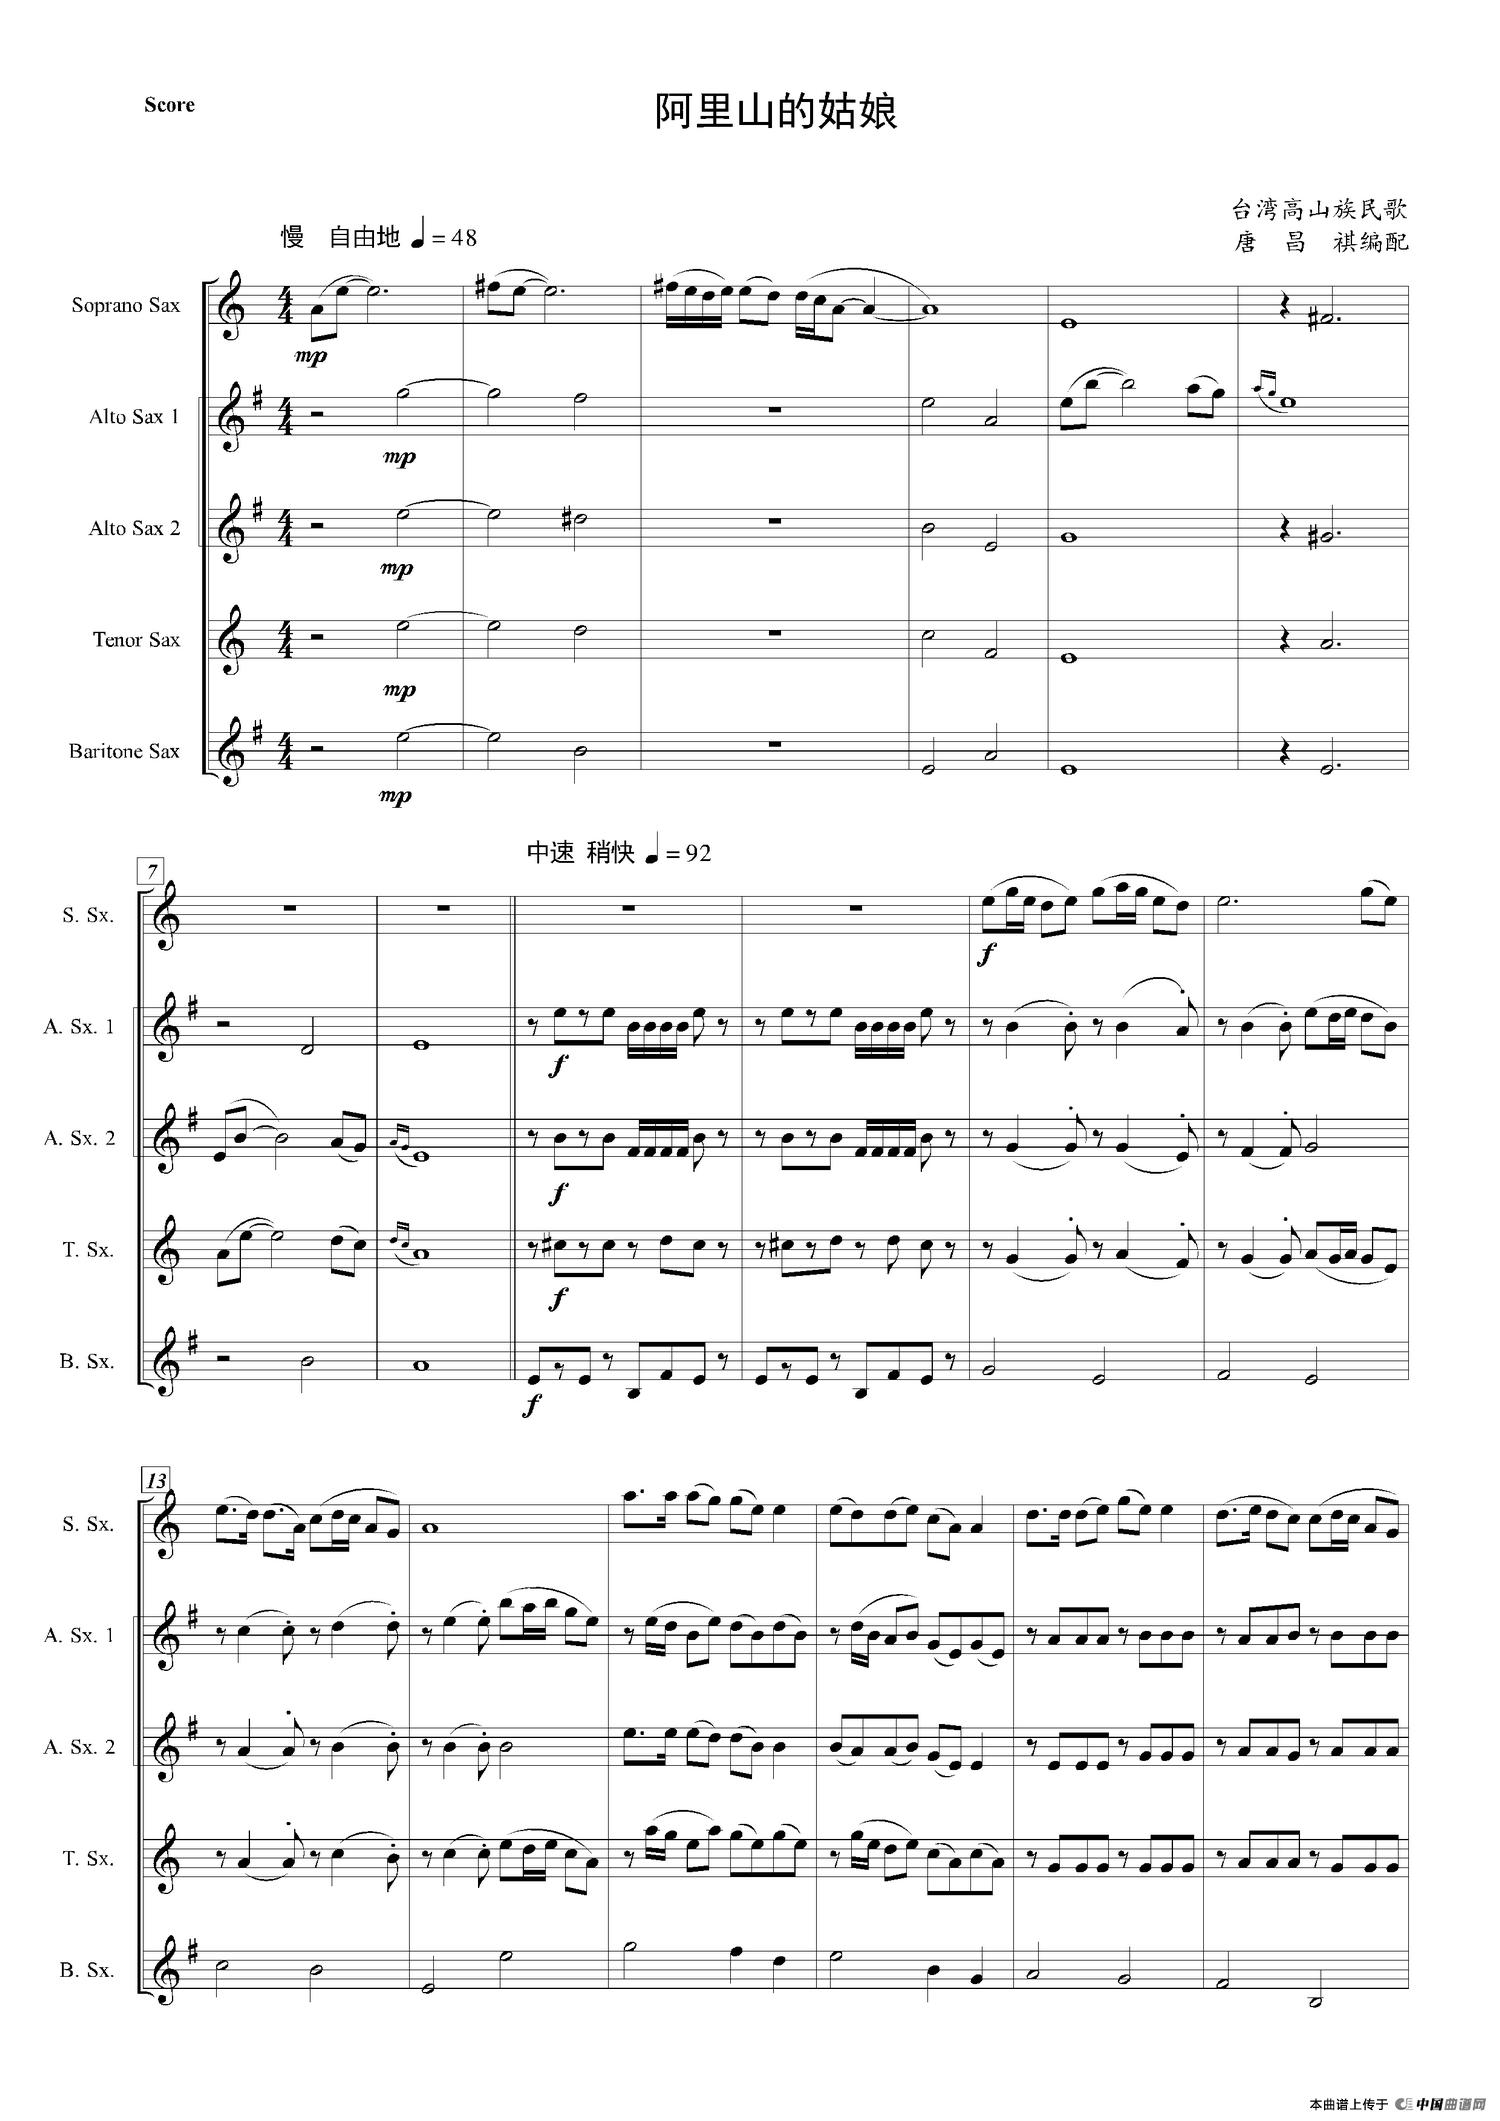 阿里山的姑娘简谱 萨克斯五重奏总谱及分谱 唐昌祺原创曲谱专栏 中国